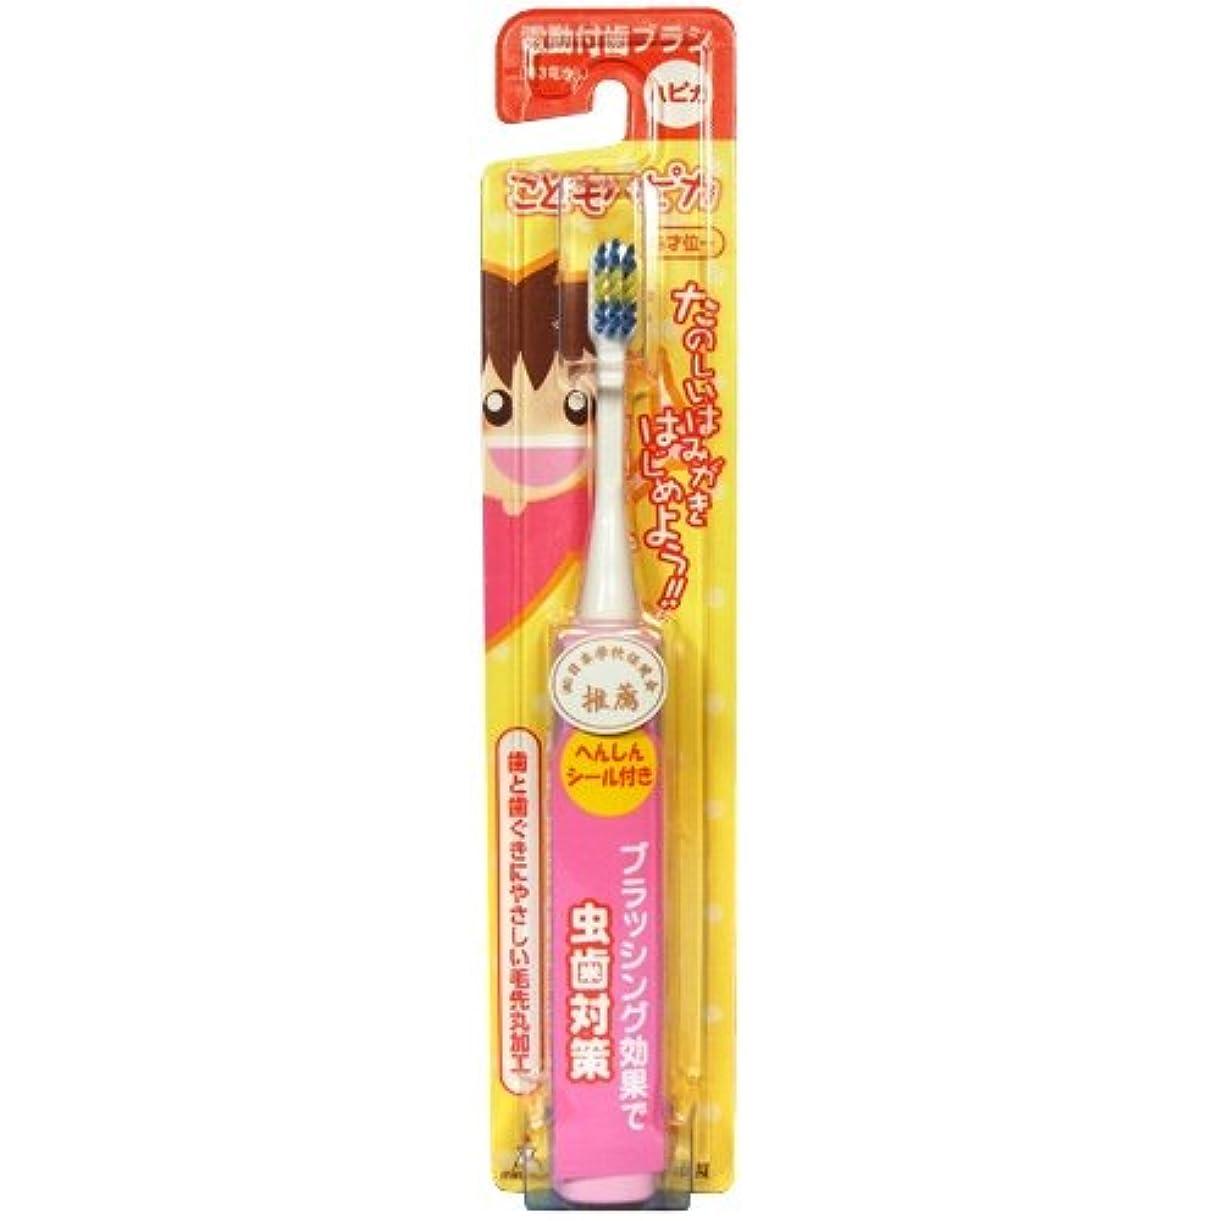 マーベル申し立てられたつま先ミニマム 電動付歯ブラシ こどもハピカ ピンク 毛の硬さ:やわらかめ DBK-1P(BP)